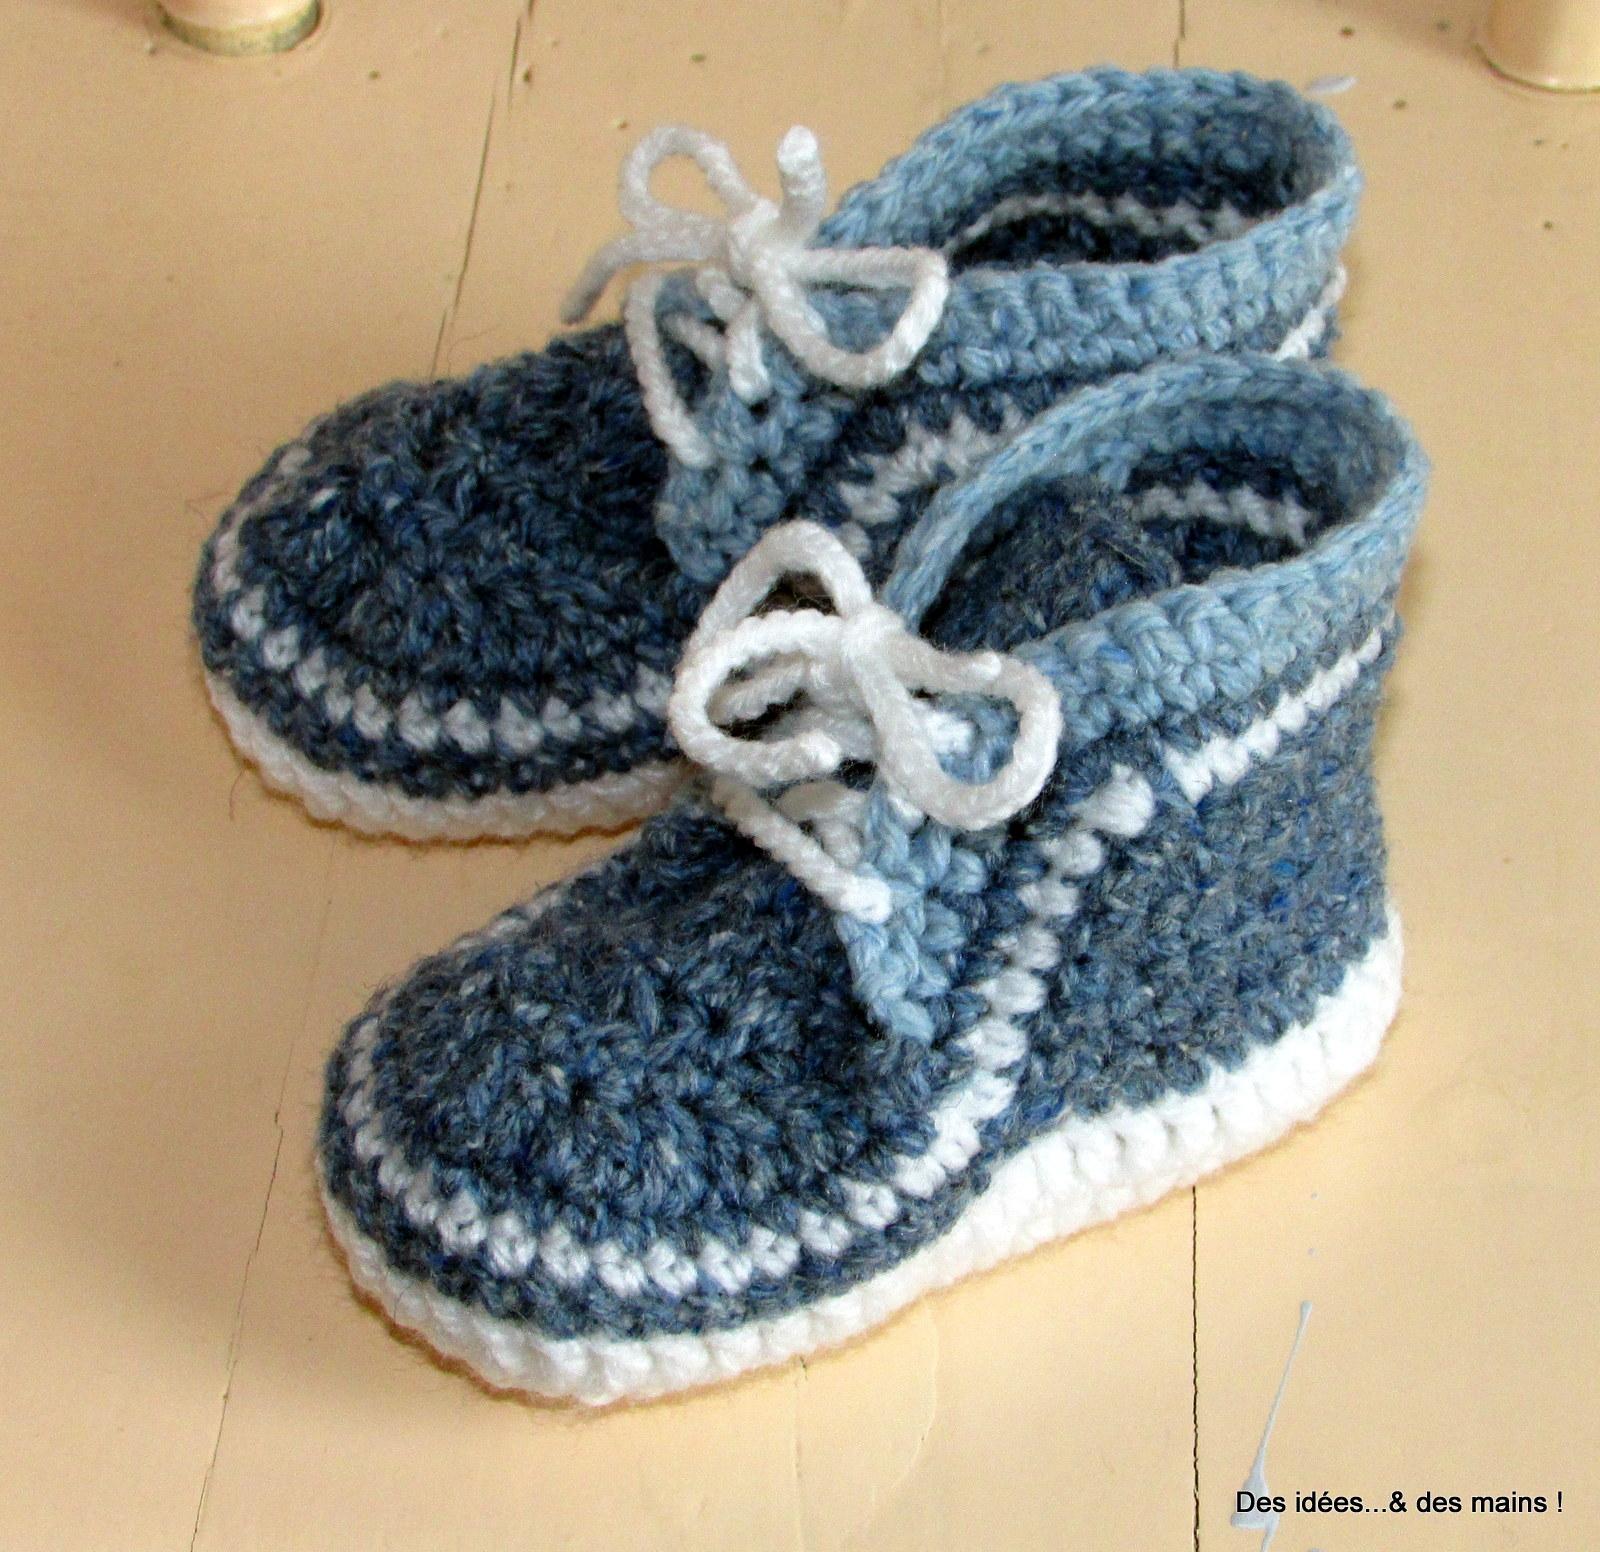 Des idées...  des mains !  Baskets au crochet pour bébé 9eadca71d32